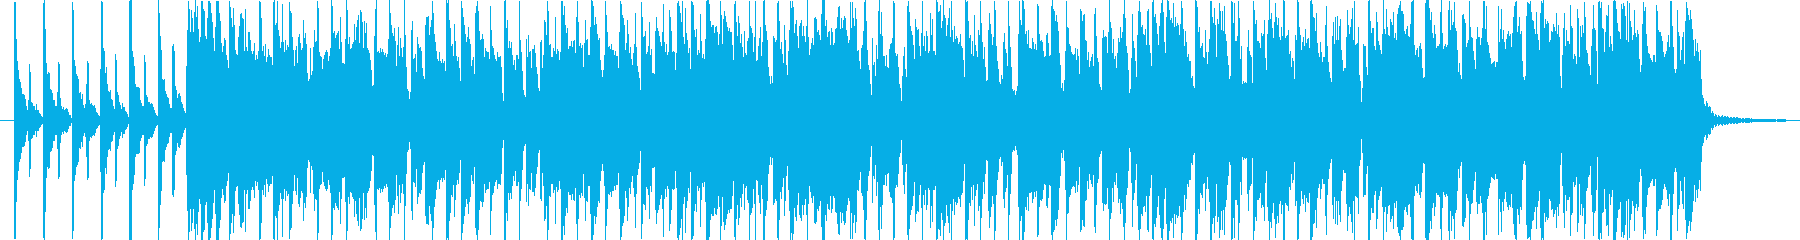 モータウンっぽいジングルの再生済みの波形